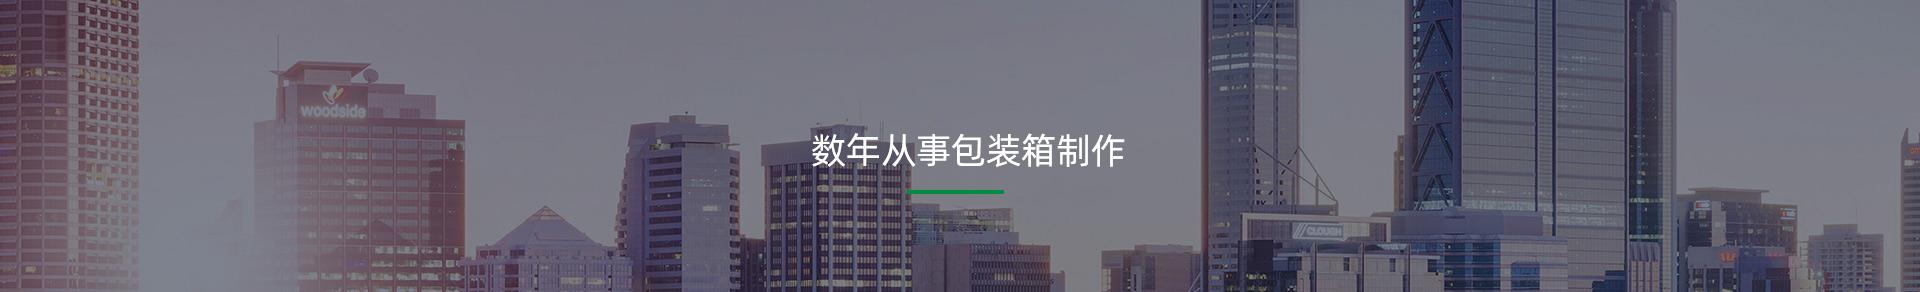 http://www.kunshanjinheng.com/data/upload/202004/20200421154812_511.jpg